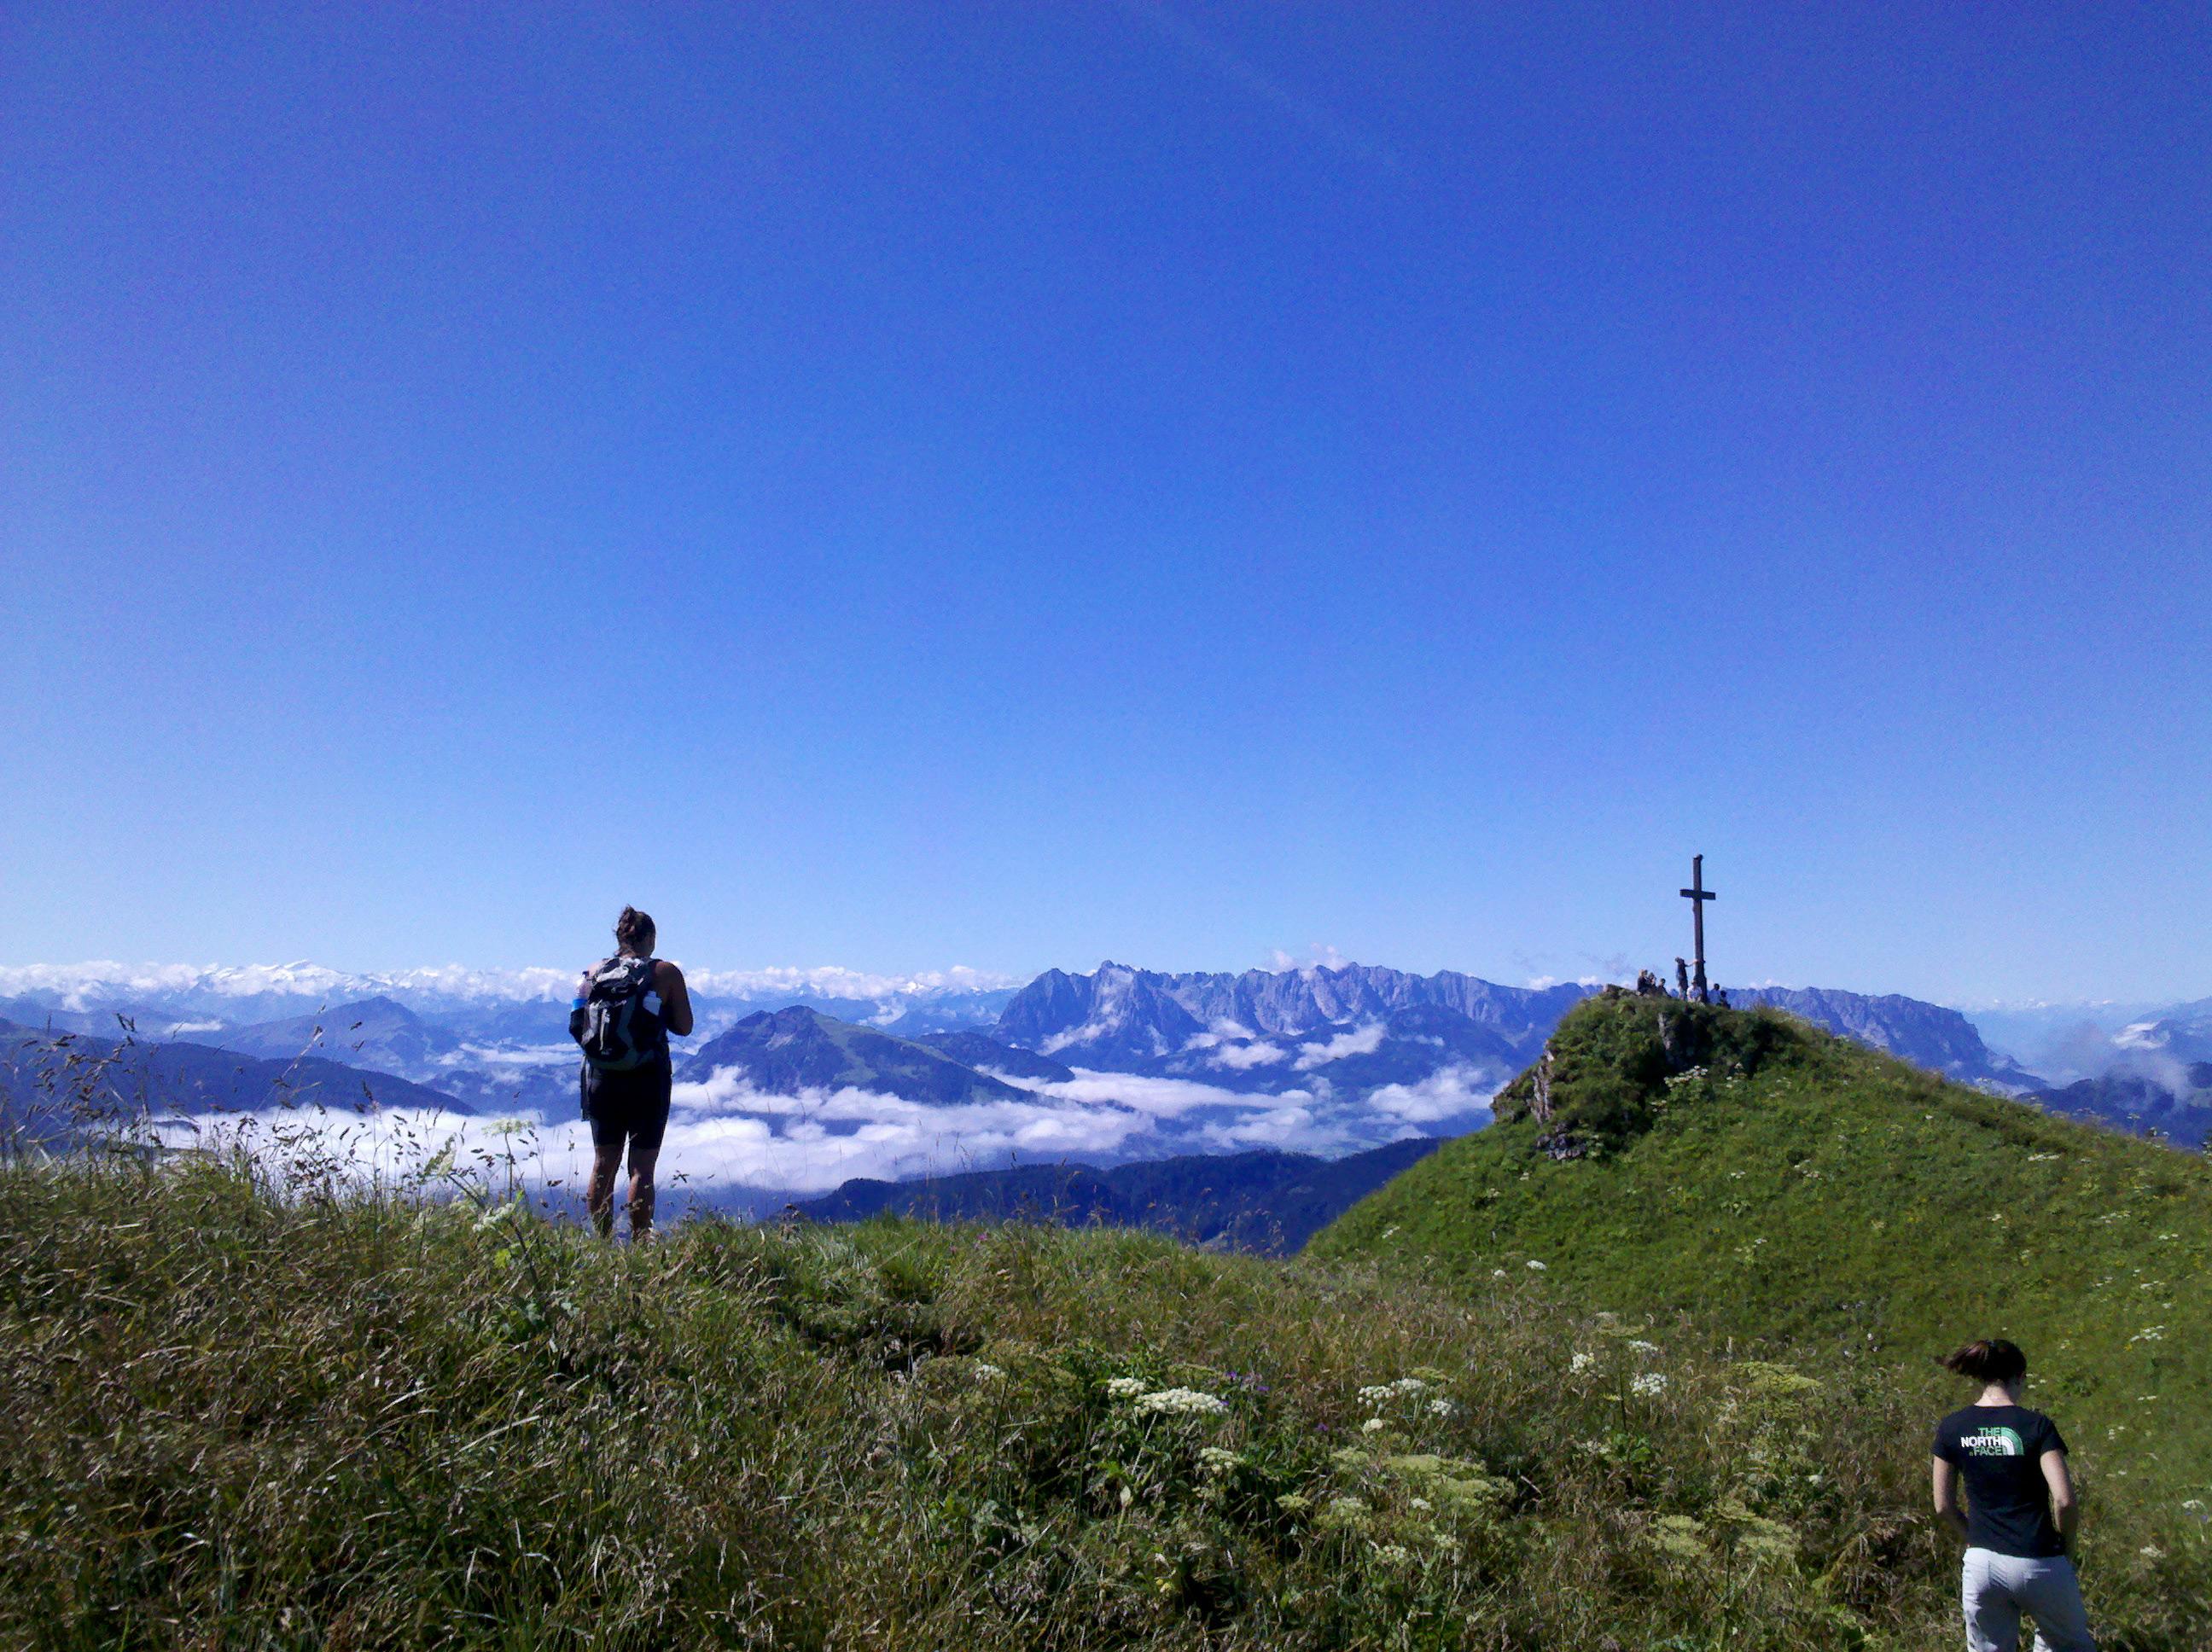 Jugendliche stehen auf Bergwiese mit Gipfelkreuz vor Bergpanorma